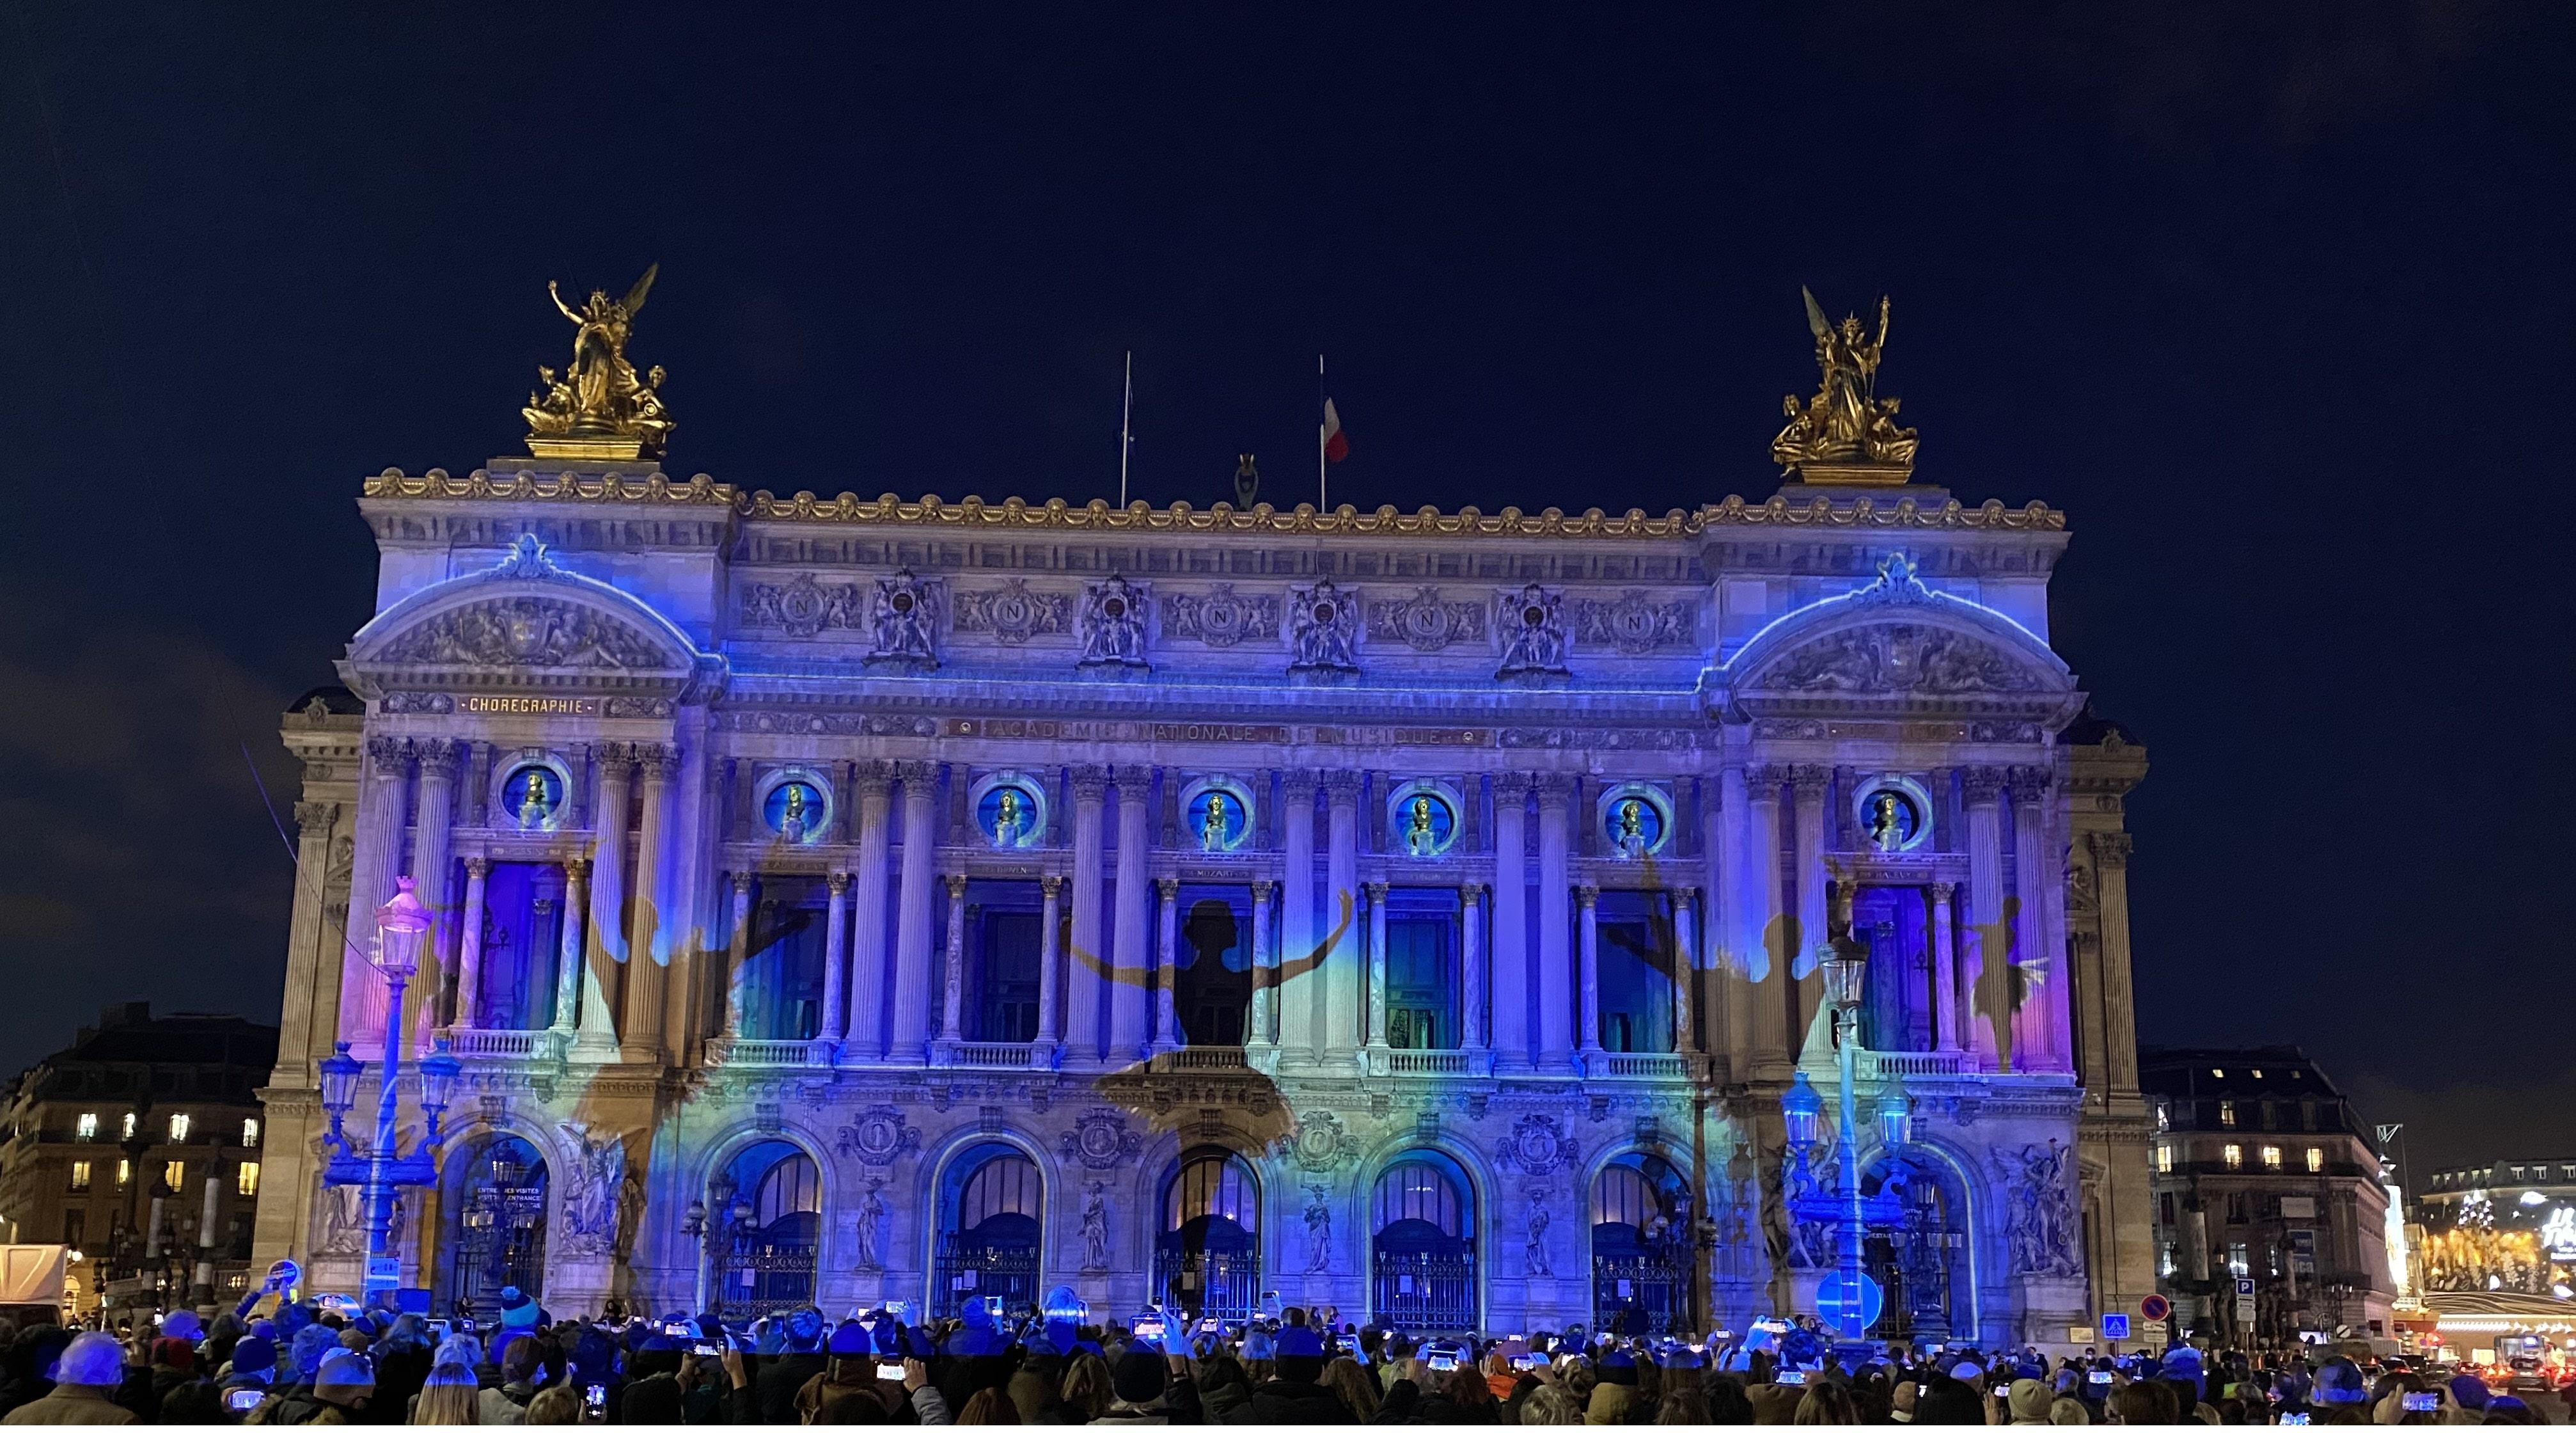 Mapping vidéo à l'Opéra Garnier